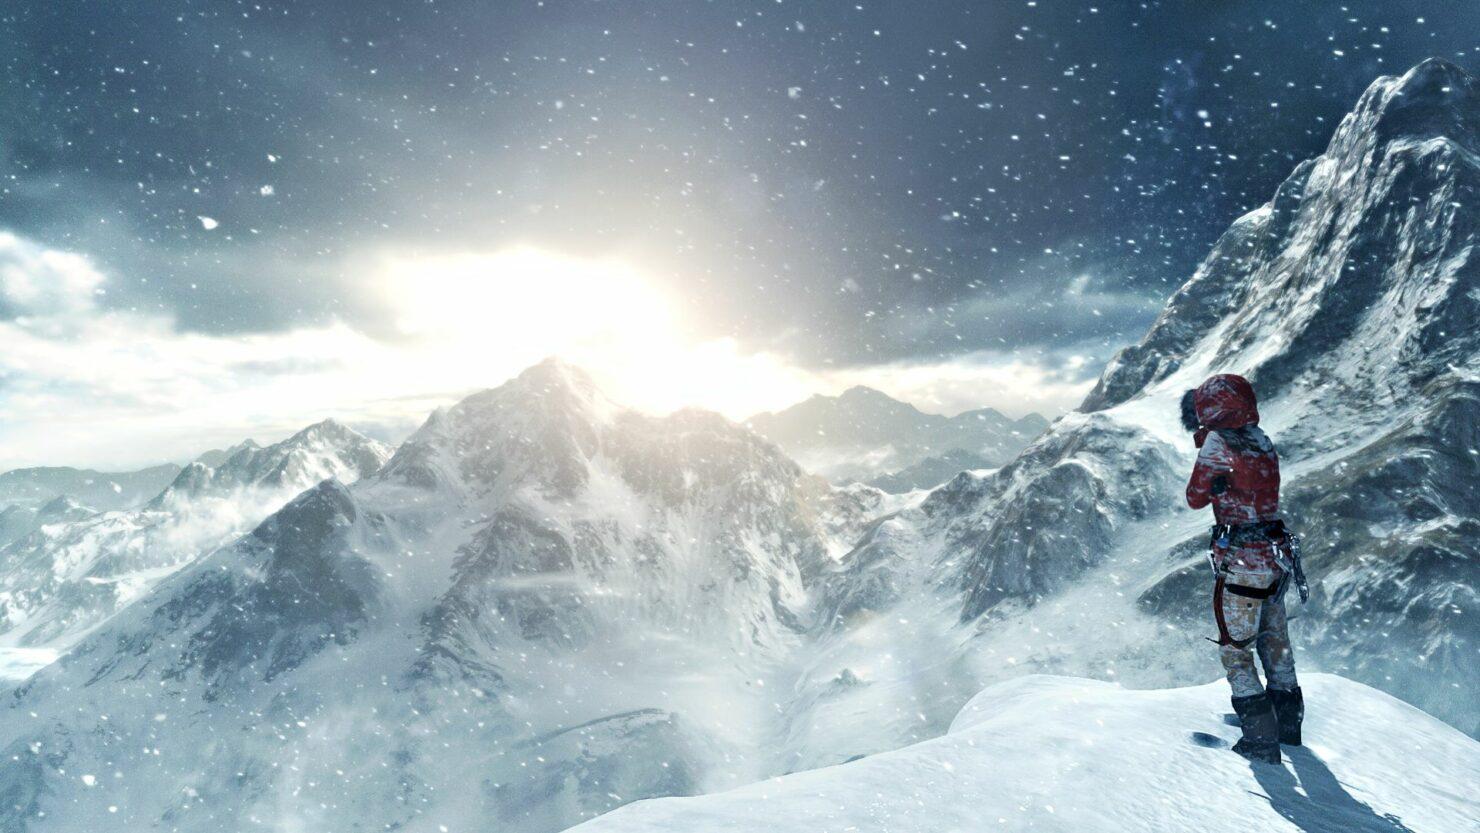 tomb-raider-snow-cap